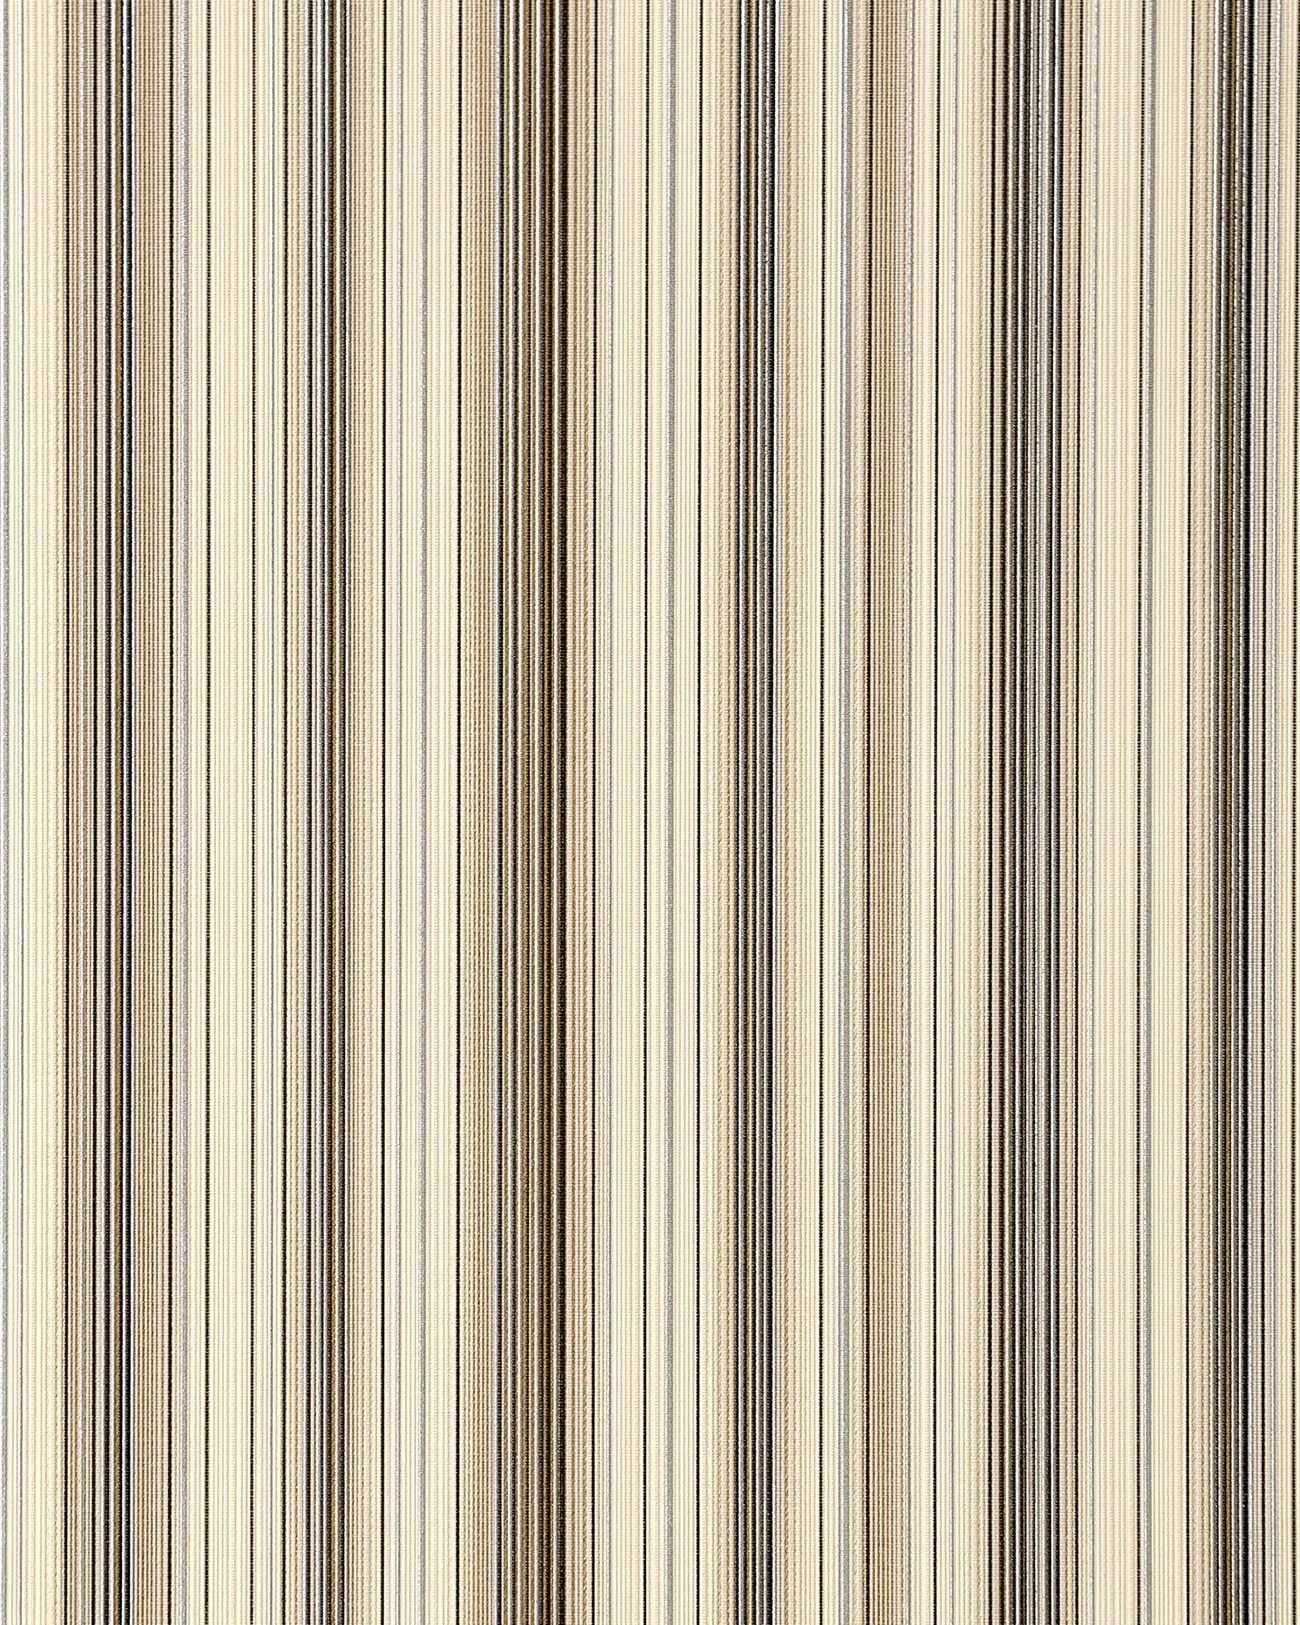 Edem 097 23 carta da parati vinilica a righe marrone beige for Carta da parati beige